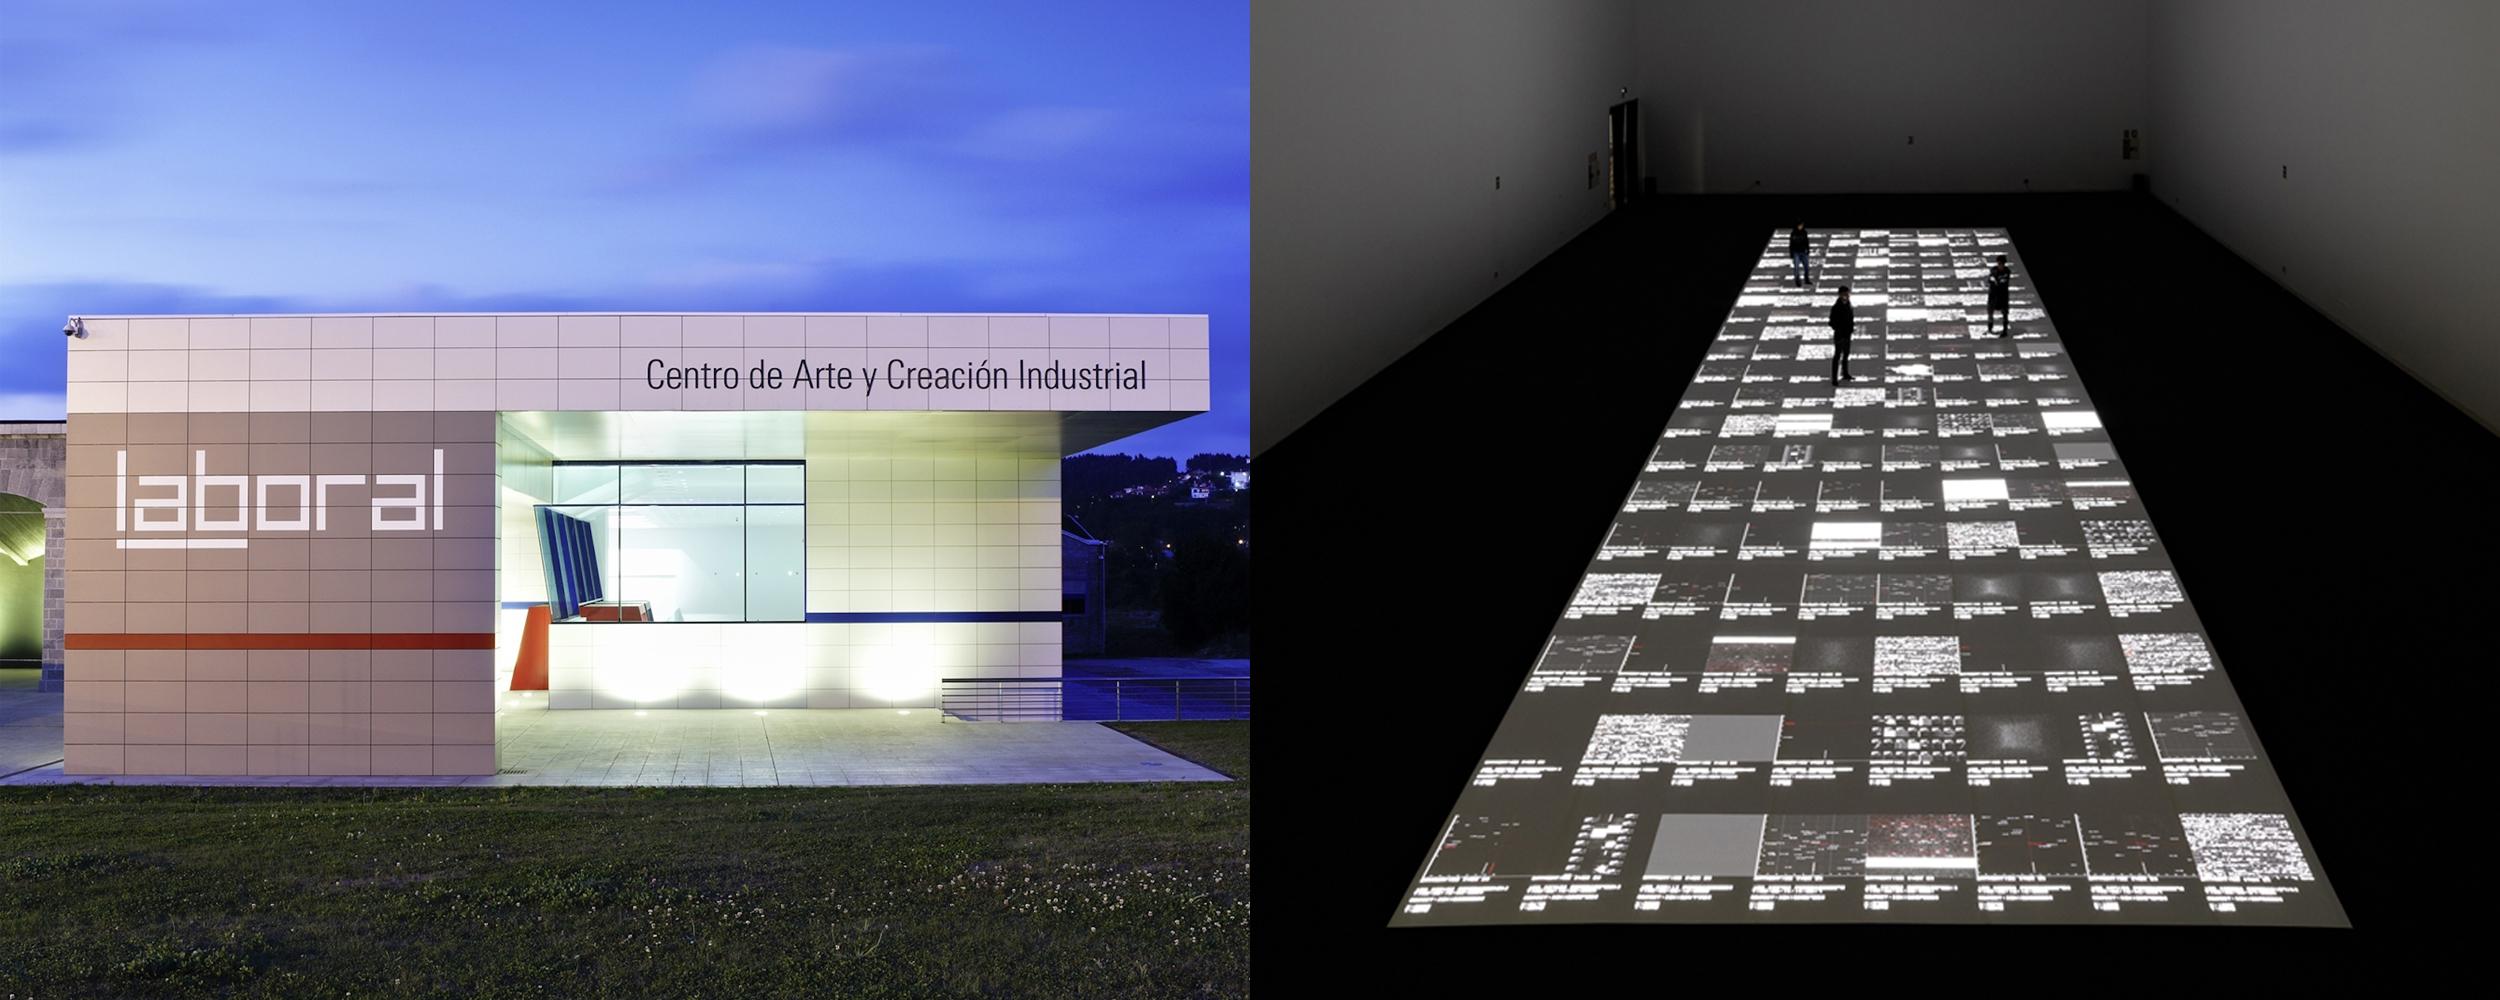 Facade of LABoral, Gíjon, © Marcos Morilla. An exhibition space at LABoral, Gíjon, © Marcos Morilla.